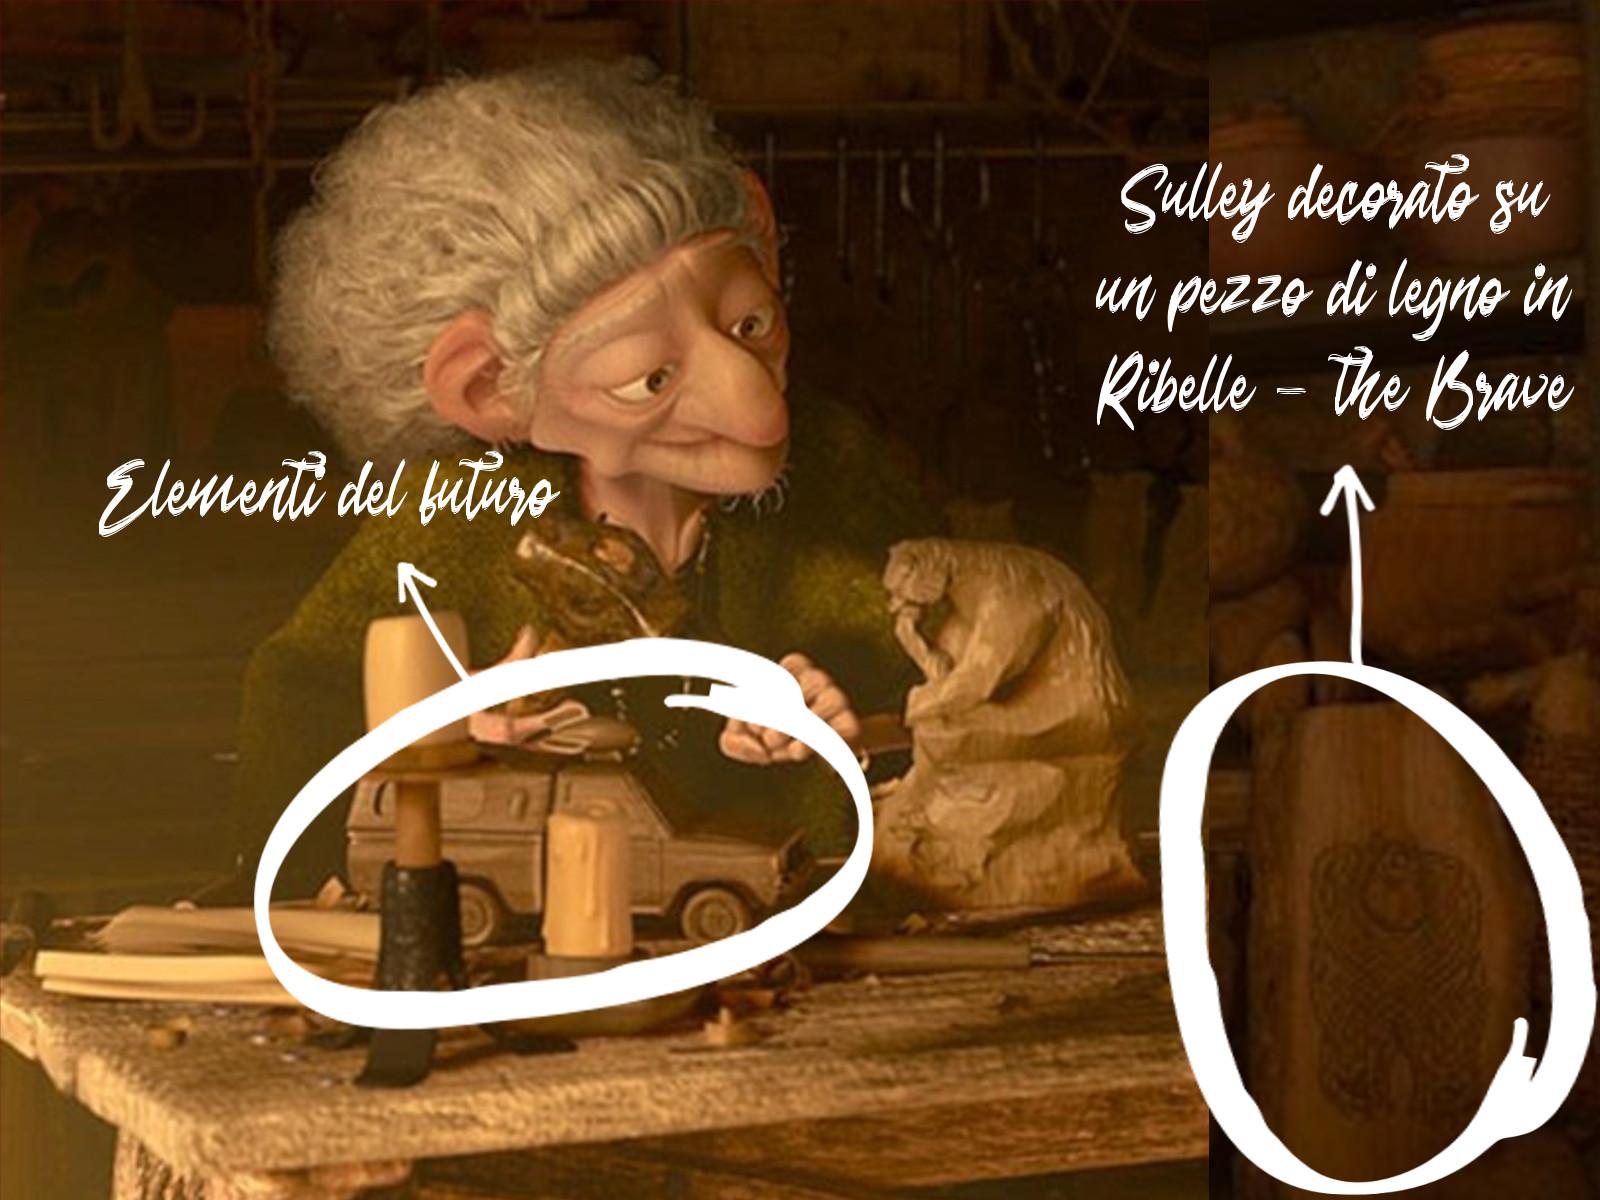 Secondo la teoria Pixar Boo è la strega di Ribelle per gli elementi del futuro presenti nella bottega e per l'intaglio di Sulley.